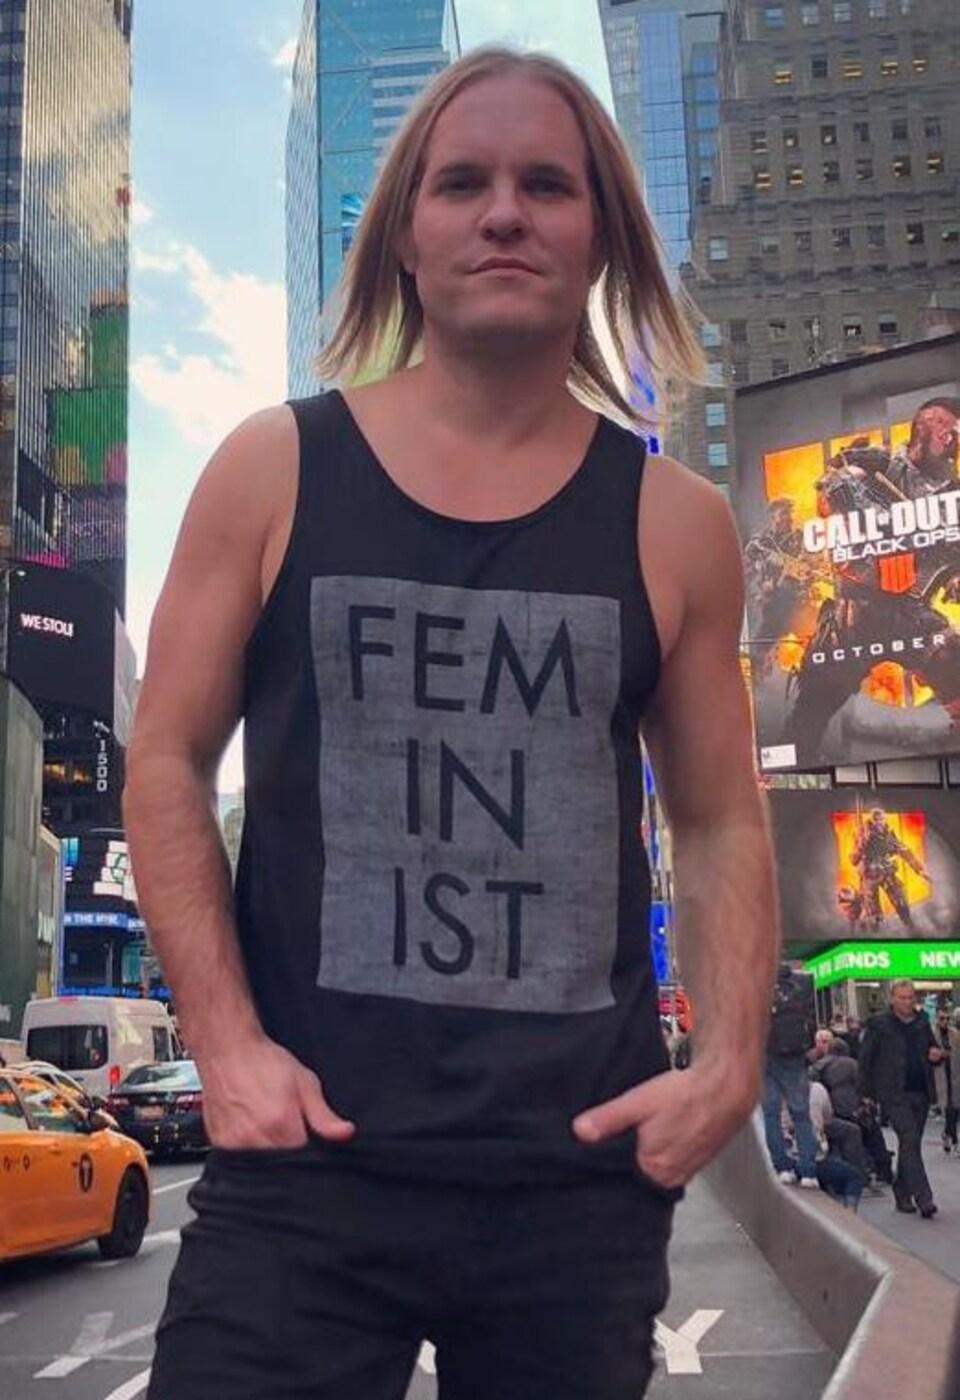 Un homme à la carure sportive et à l'attitude franche photographié à contre-jour dans une rue de New-York. Sur son débardeur le mot «feminist» peut se lire en lettre capitale.